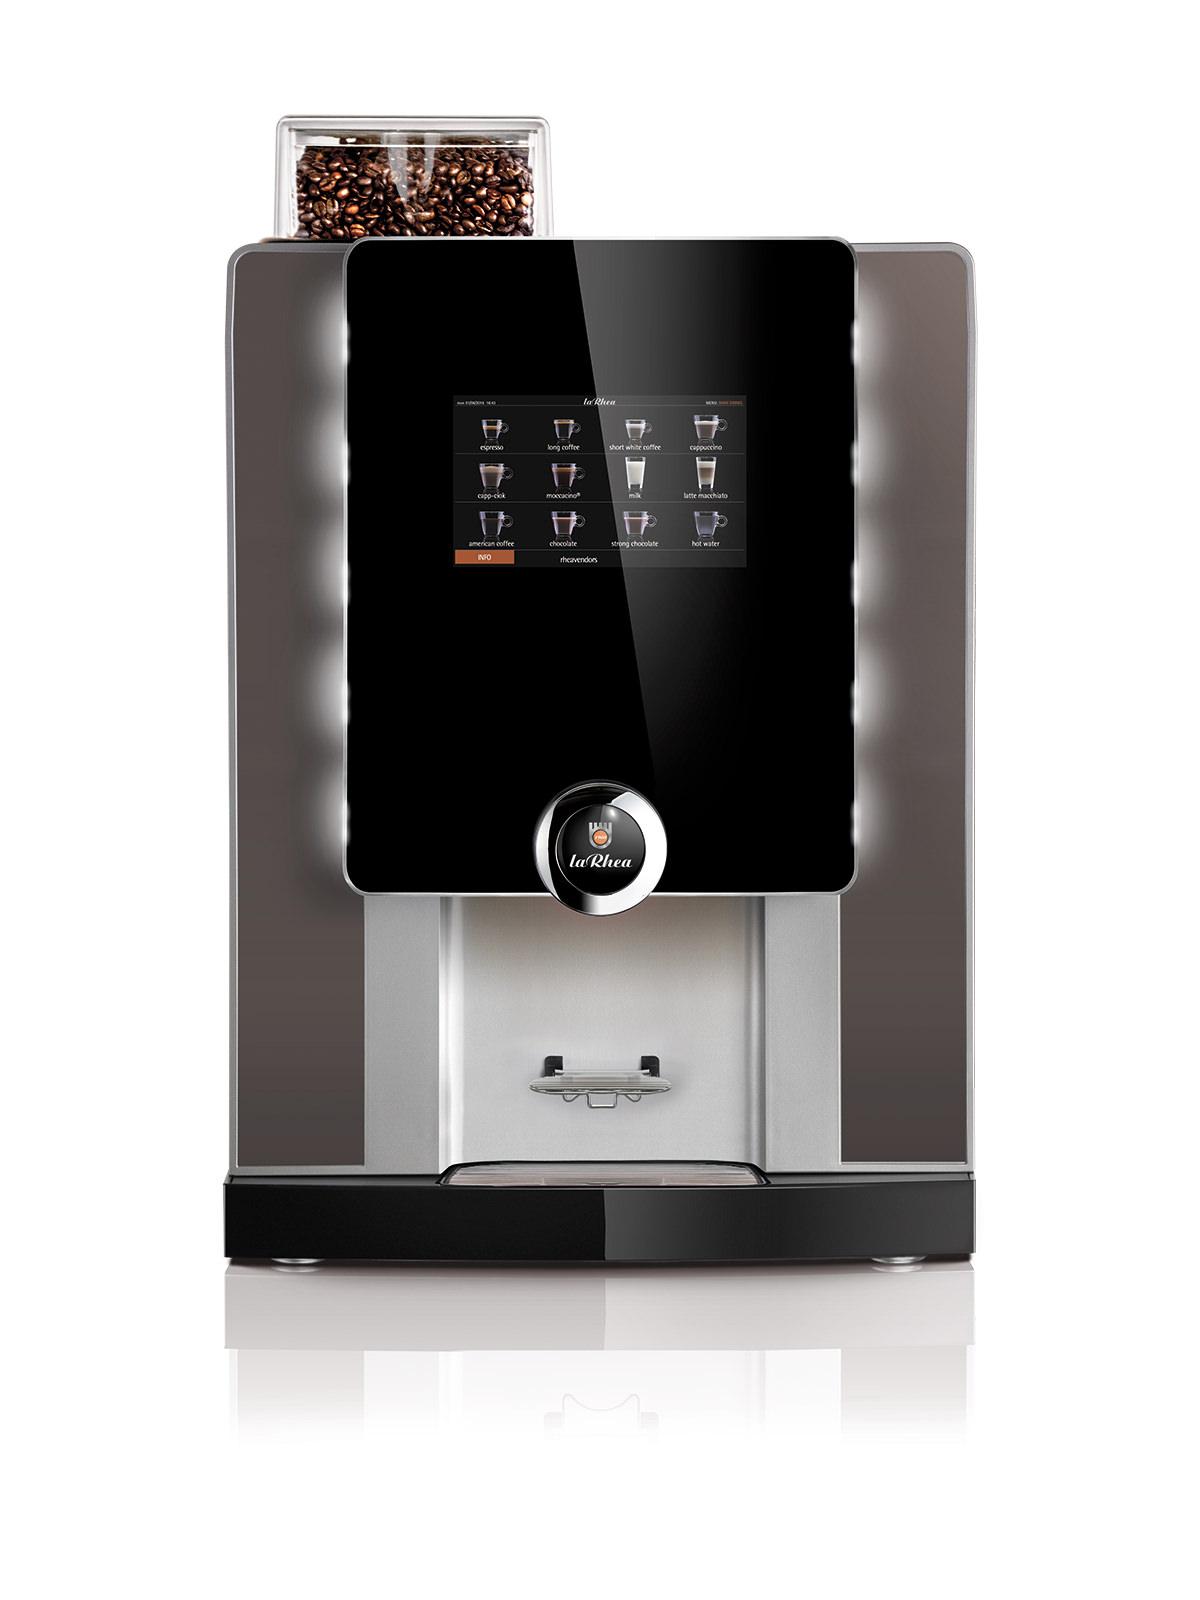 Verpflegungs- und Selbstbedienungsautomat für heisse Getränke laRhea V GrandeVHO